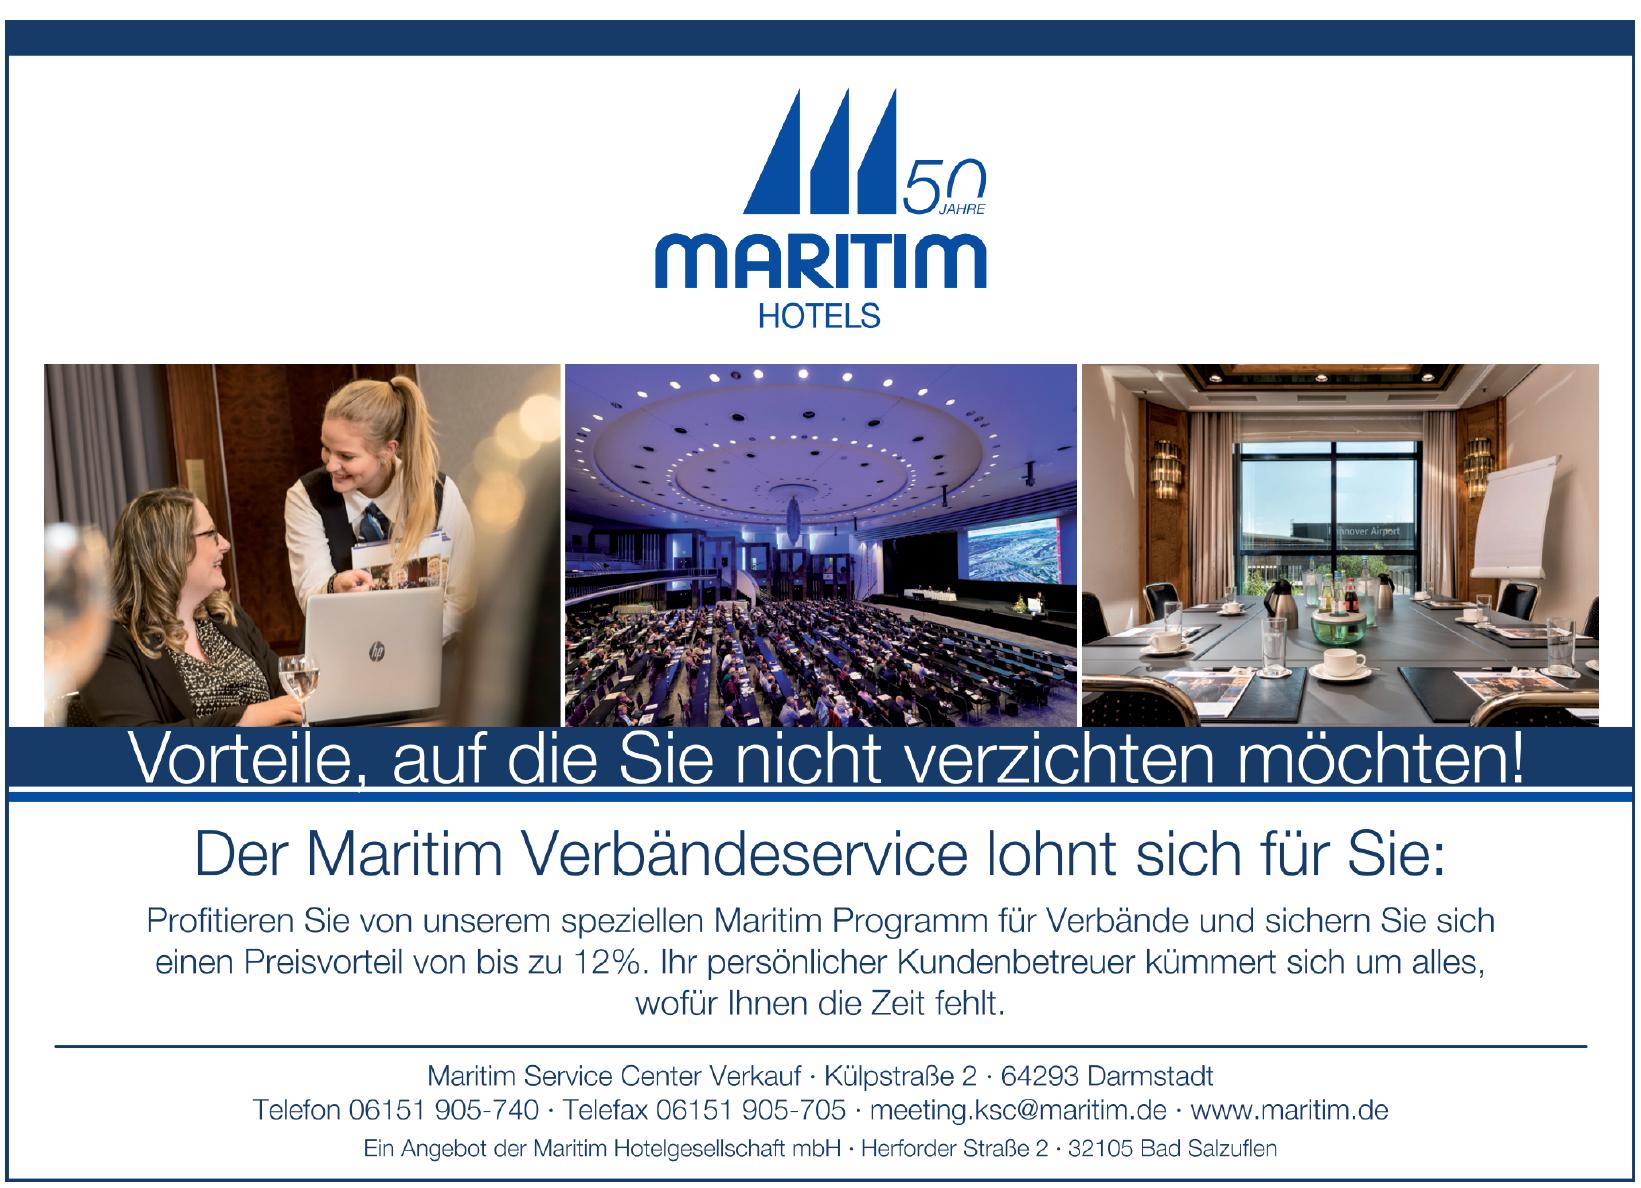 Maritim Hotelgesellschaft mbH